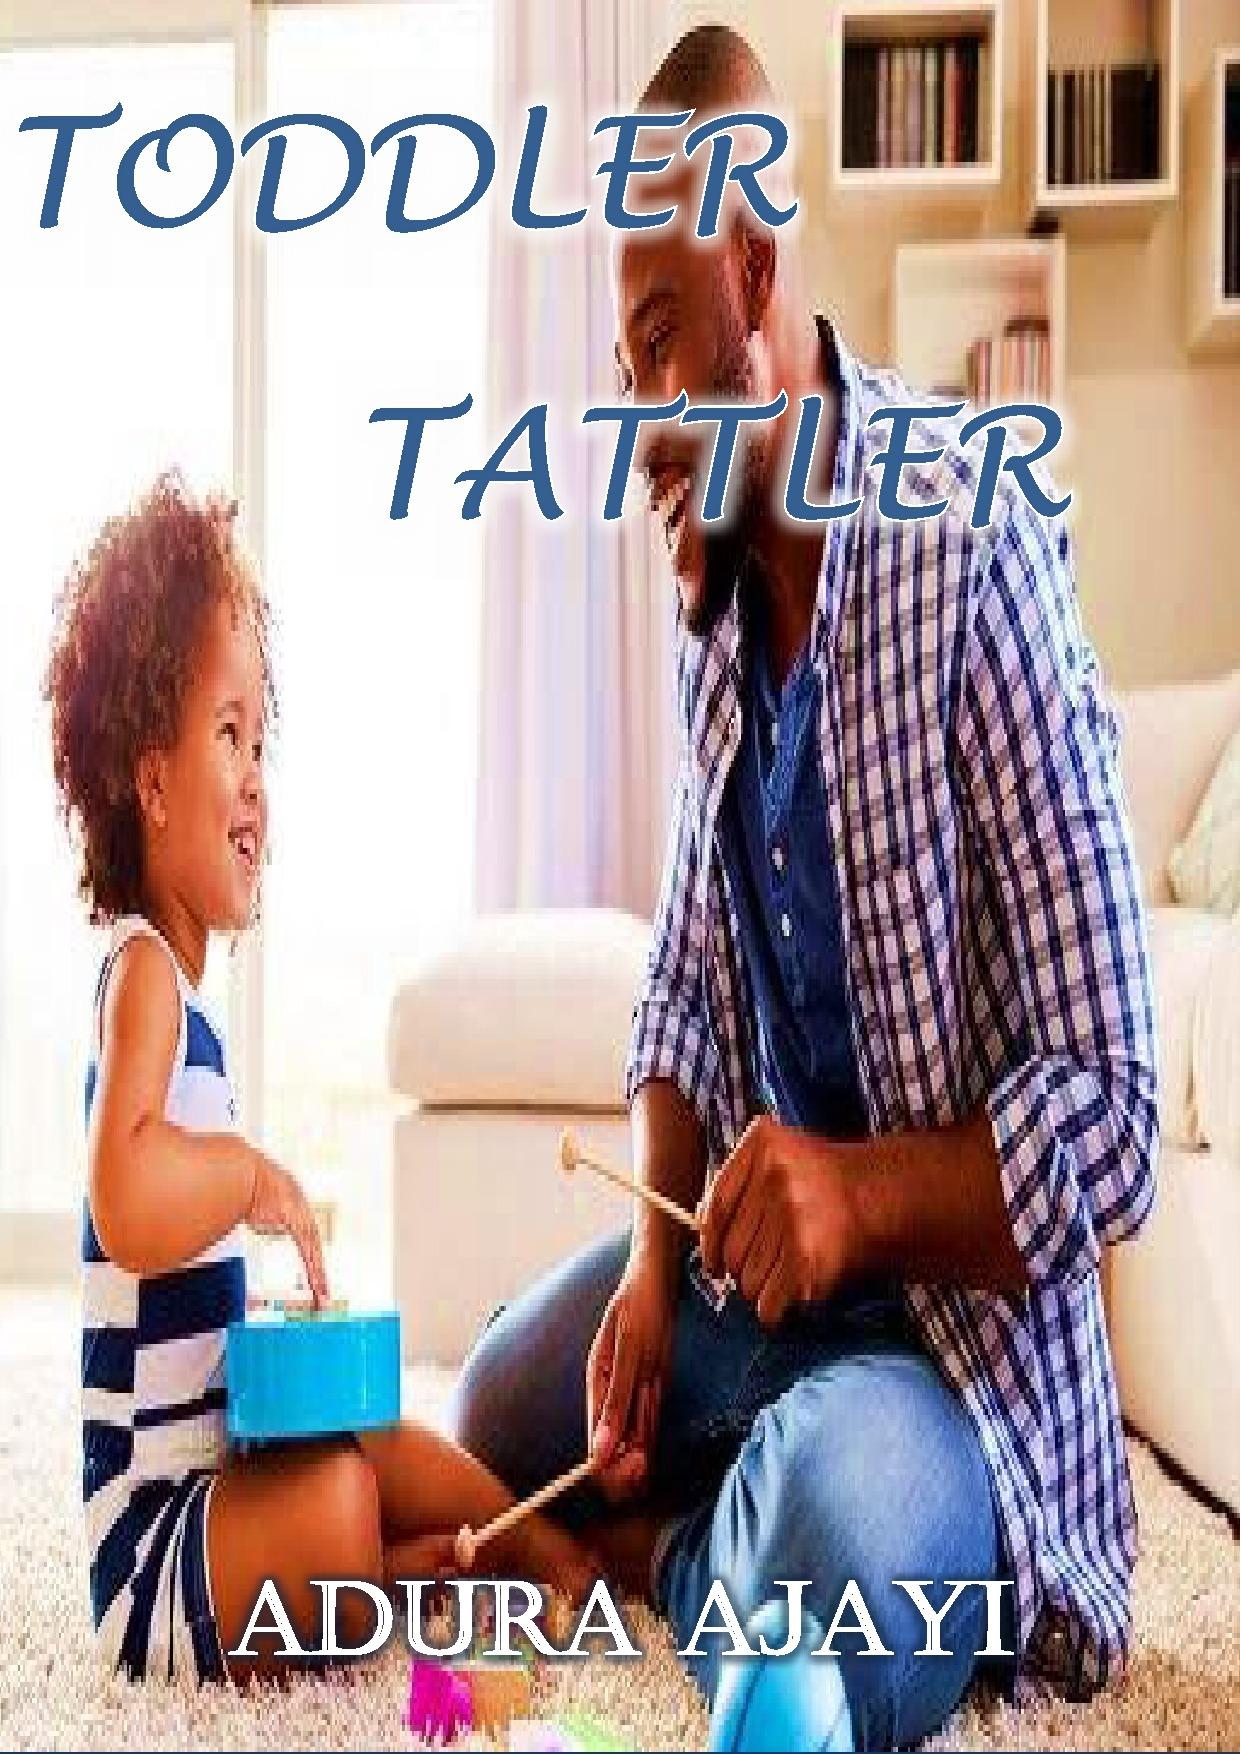 Toddler Tattler